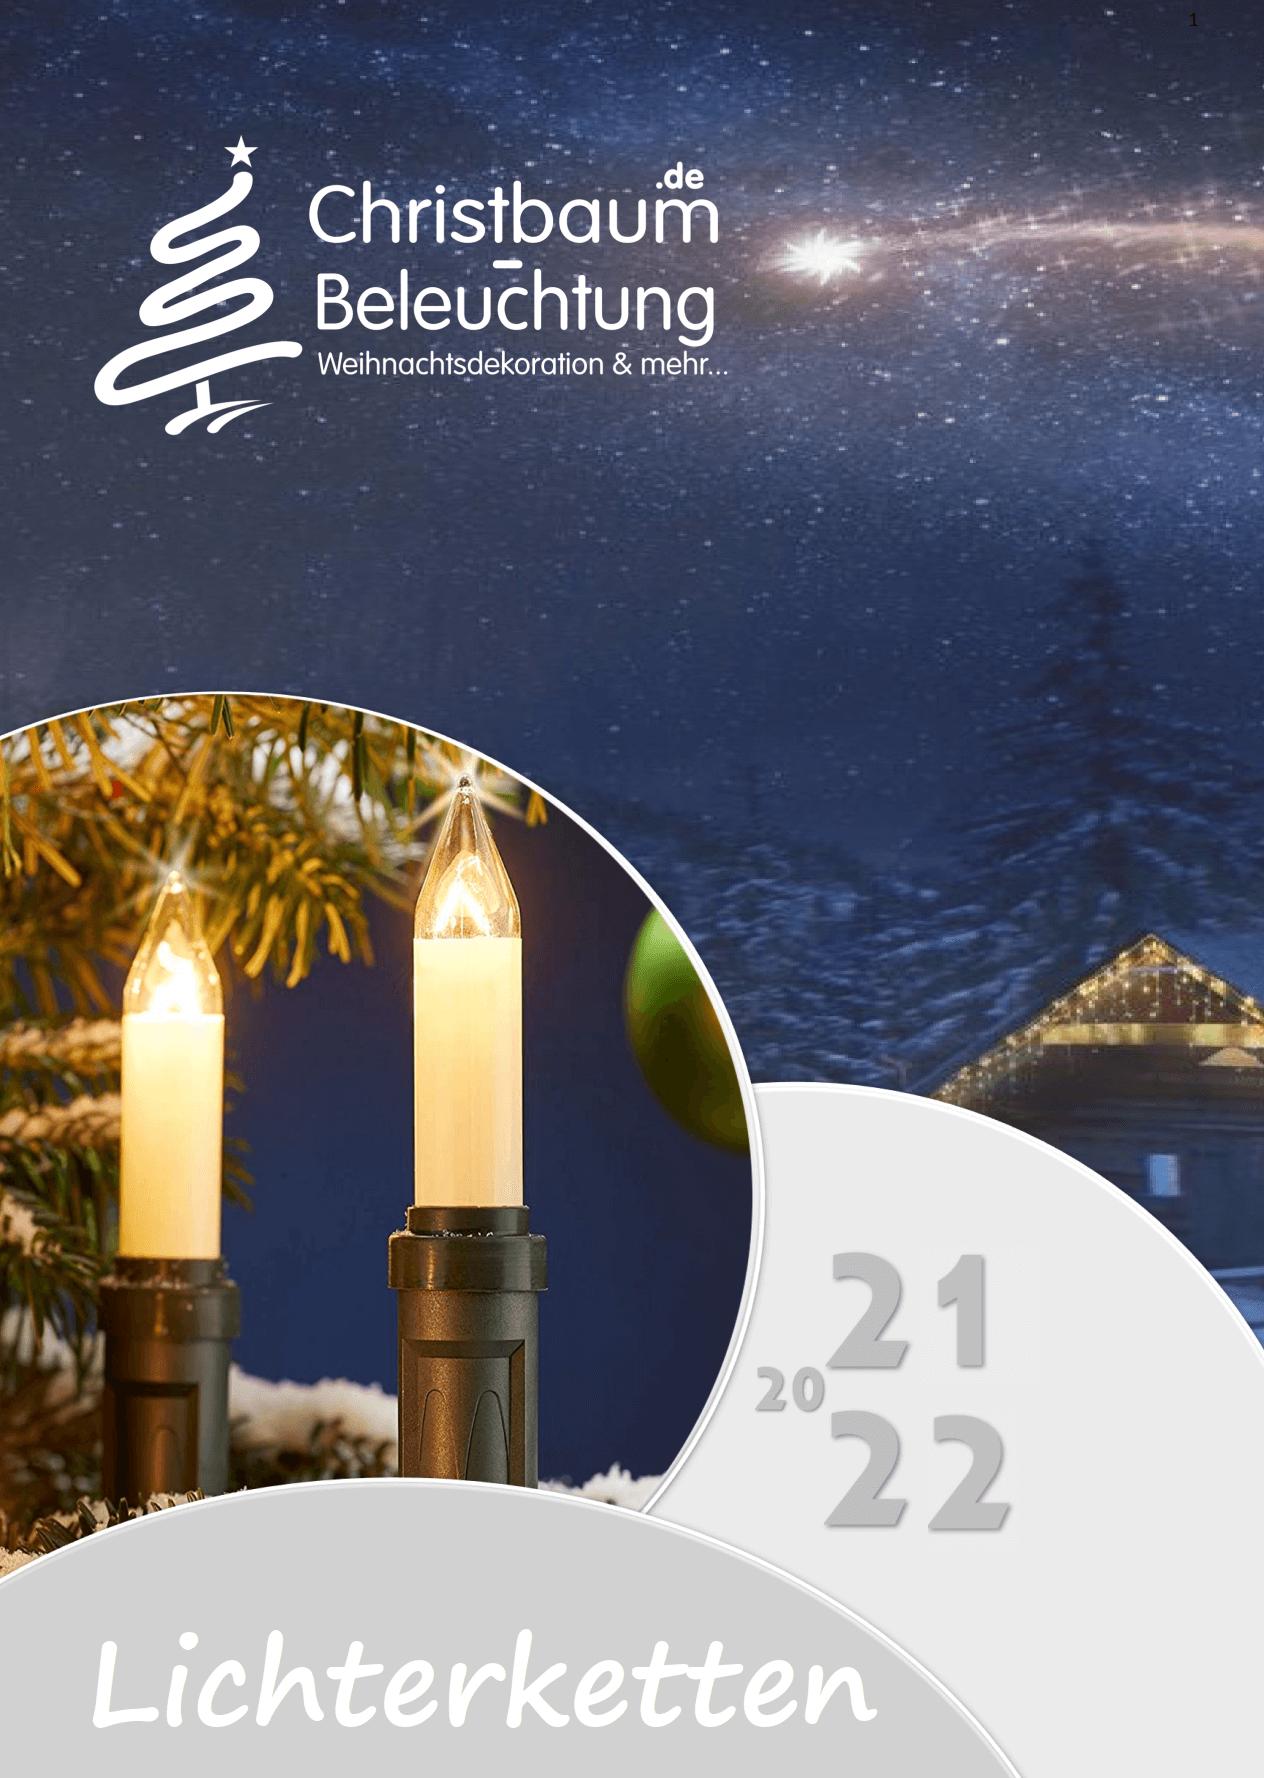 Lichterkettenkatalog_2021_christbaum-beleuchtung_1